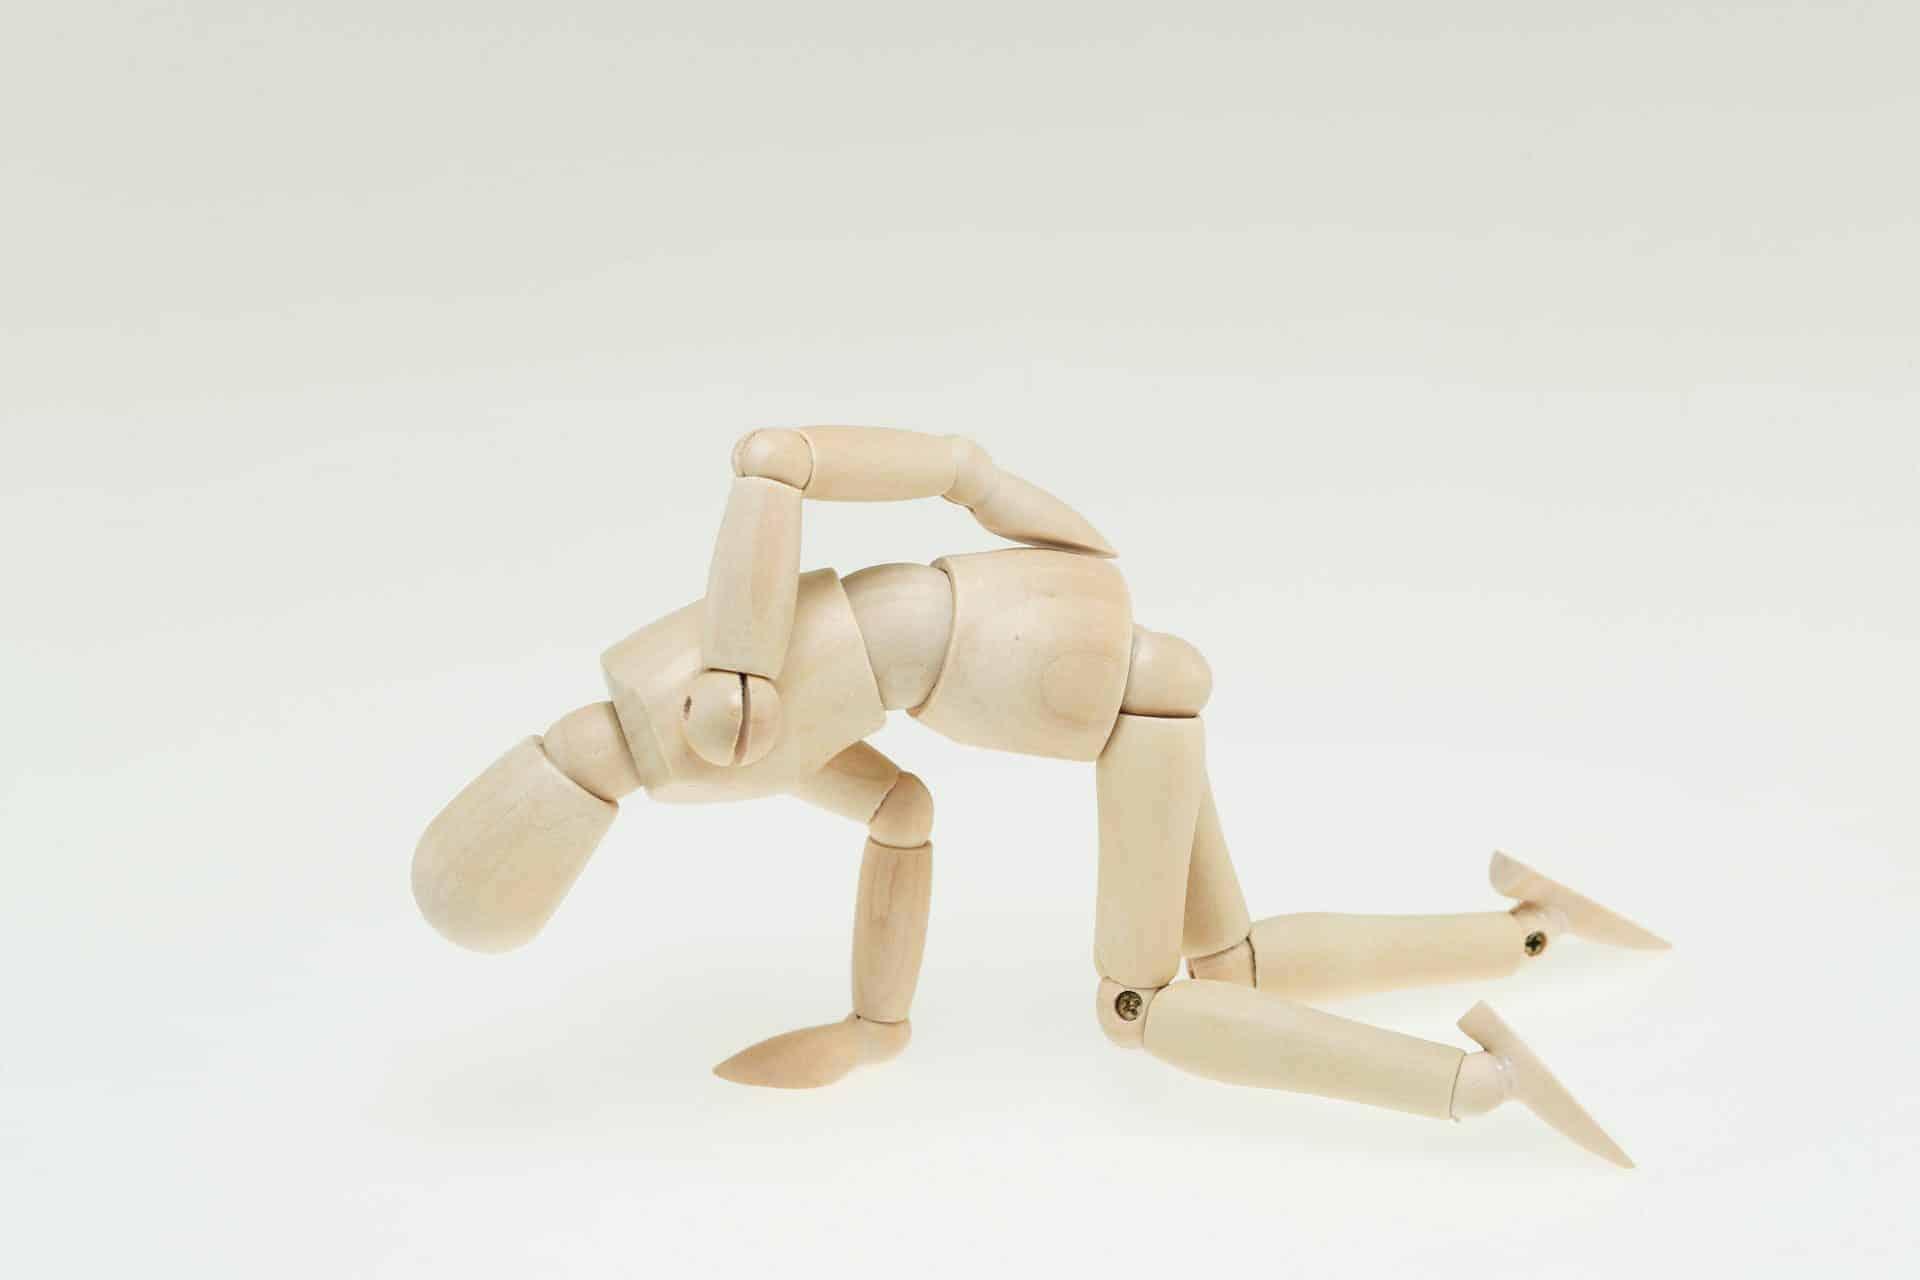 膝折れする腰痛人形